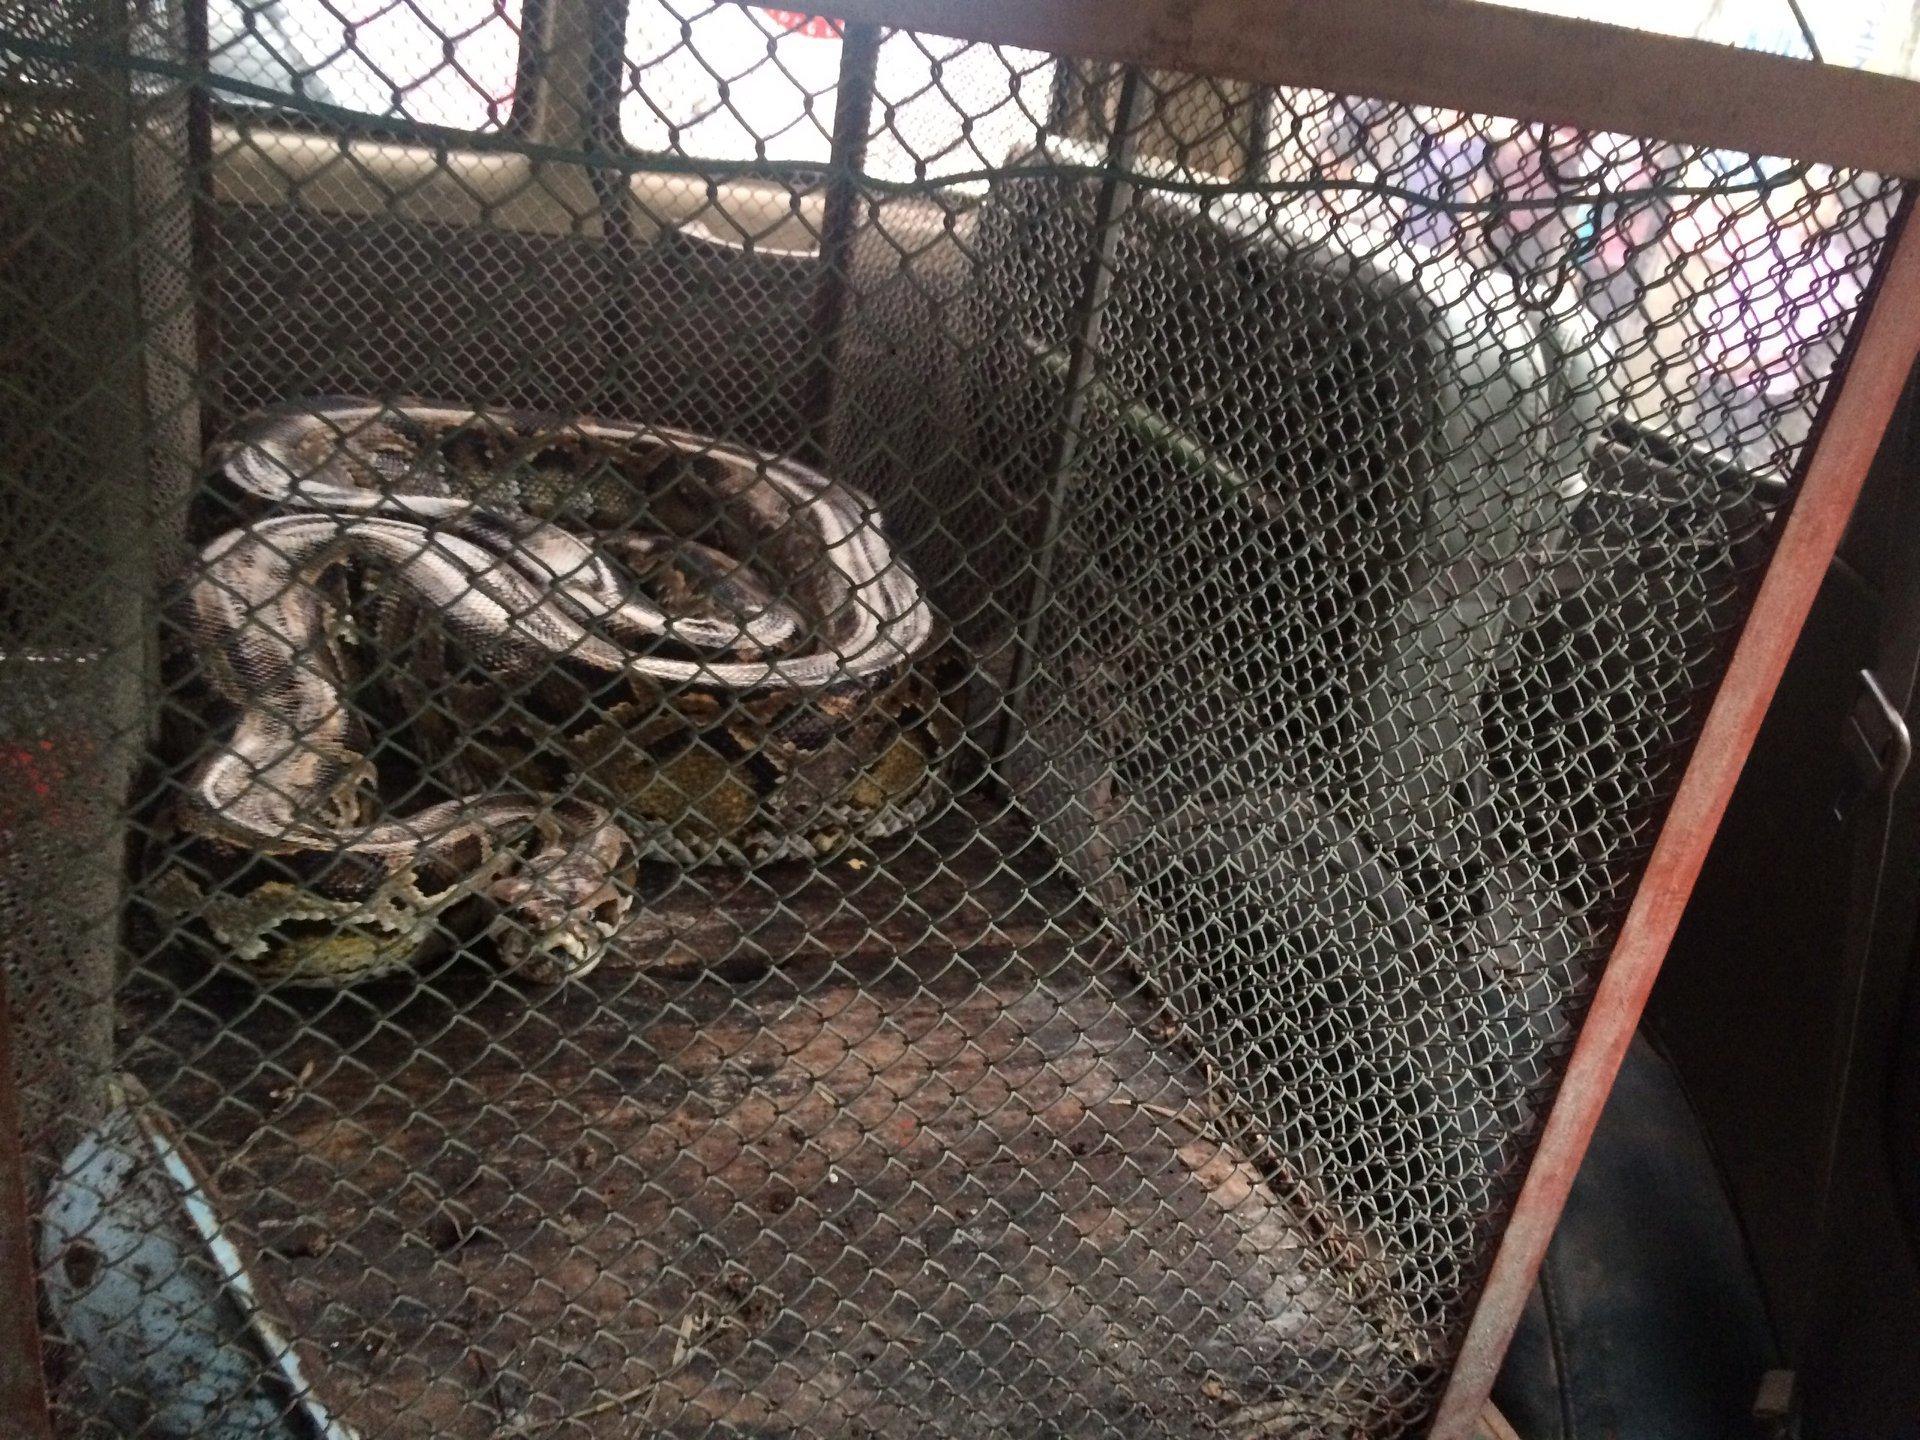 Thăm đồng, nông dân ở Hà Tĩnh bắt được trăn gấm nặng 35kg